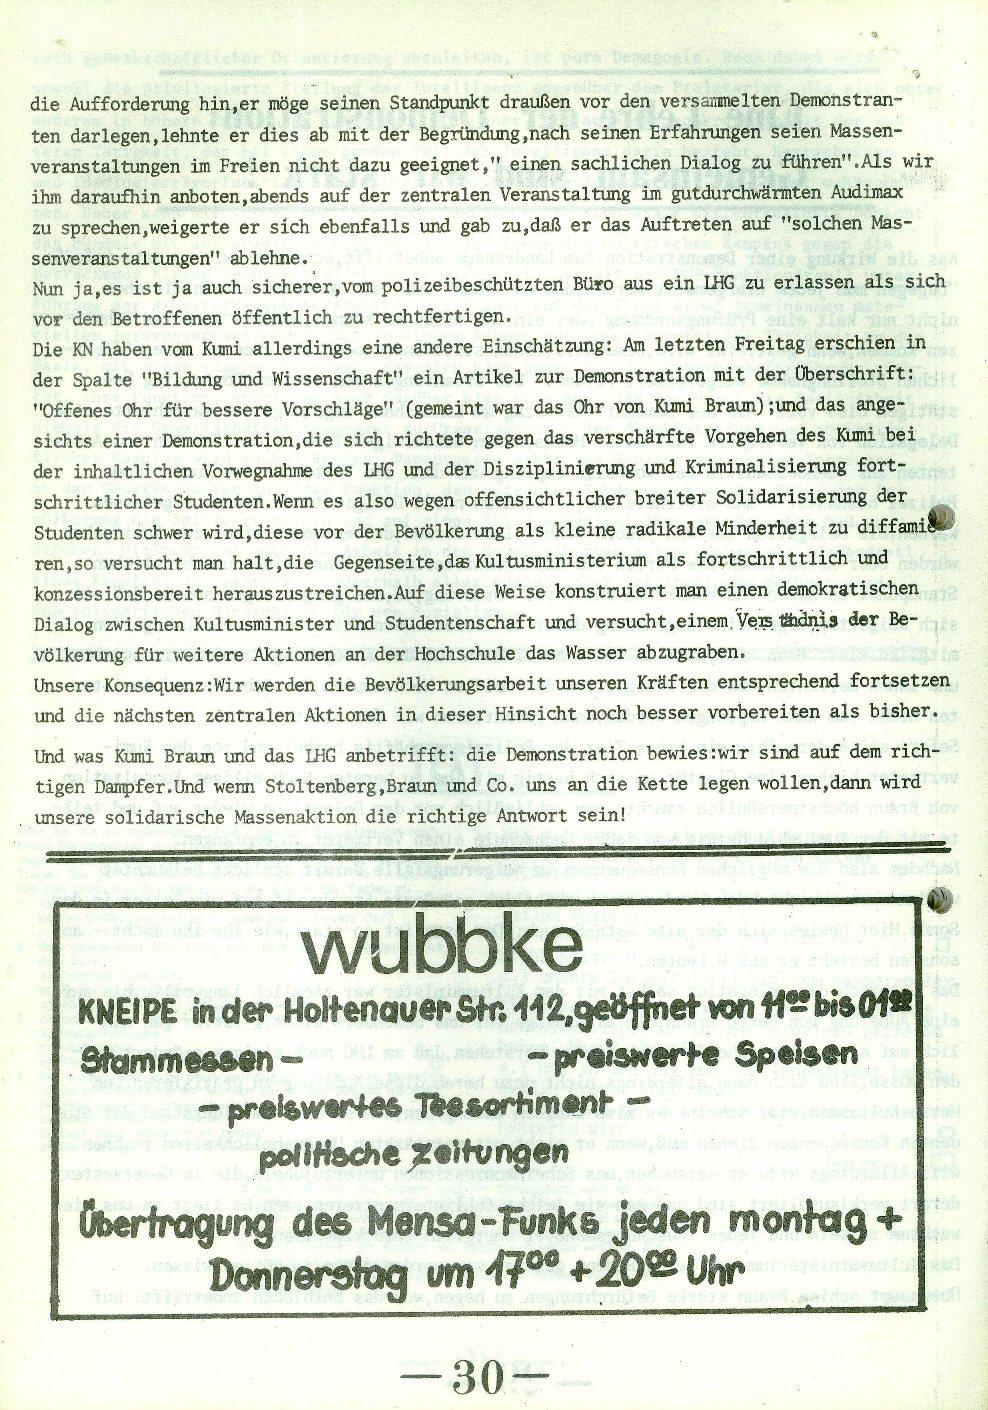 Kiel_Uni535